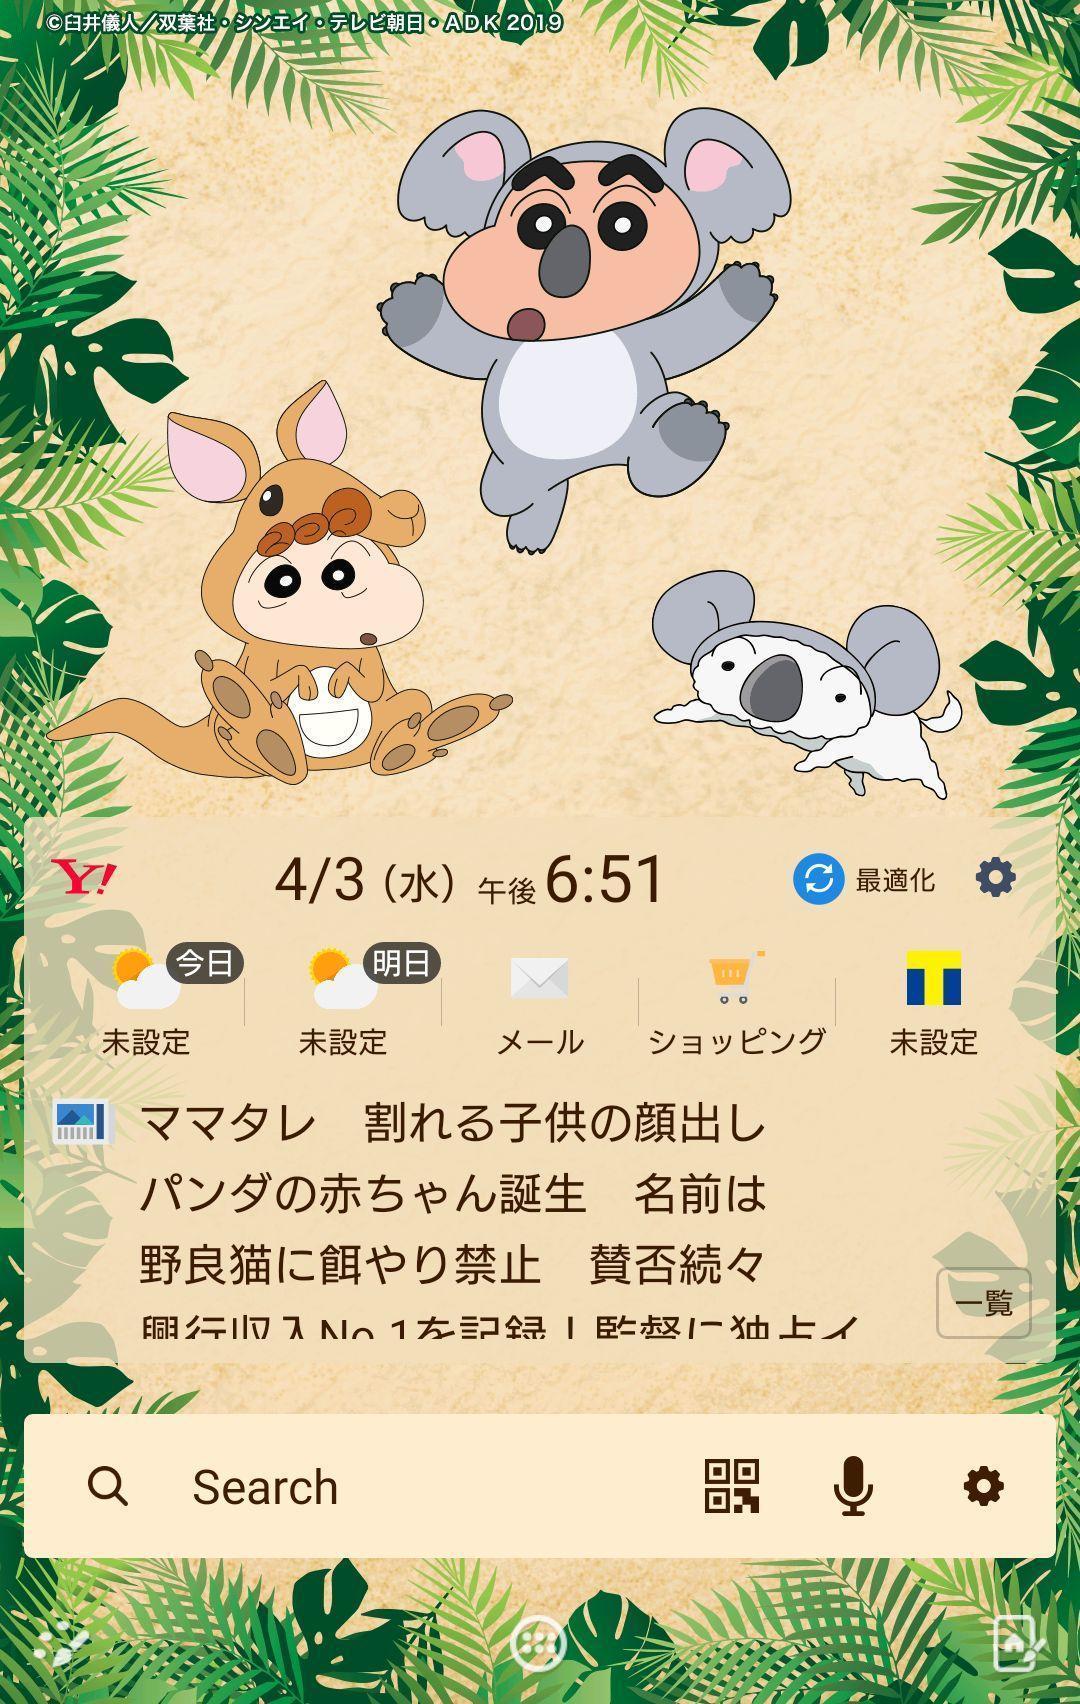 映画クレヨンしんちゃん 壁紙きせかえ For Android Apk Download